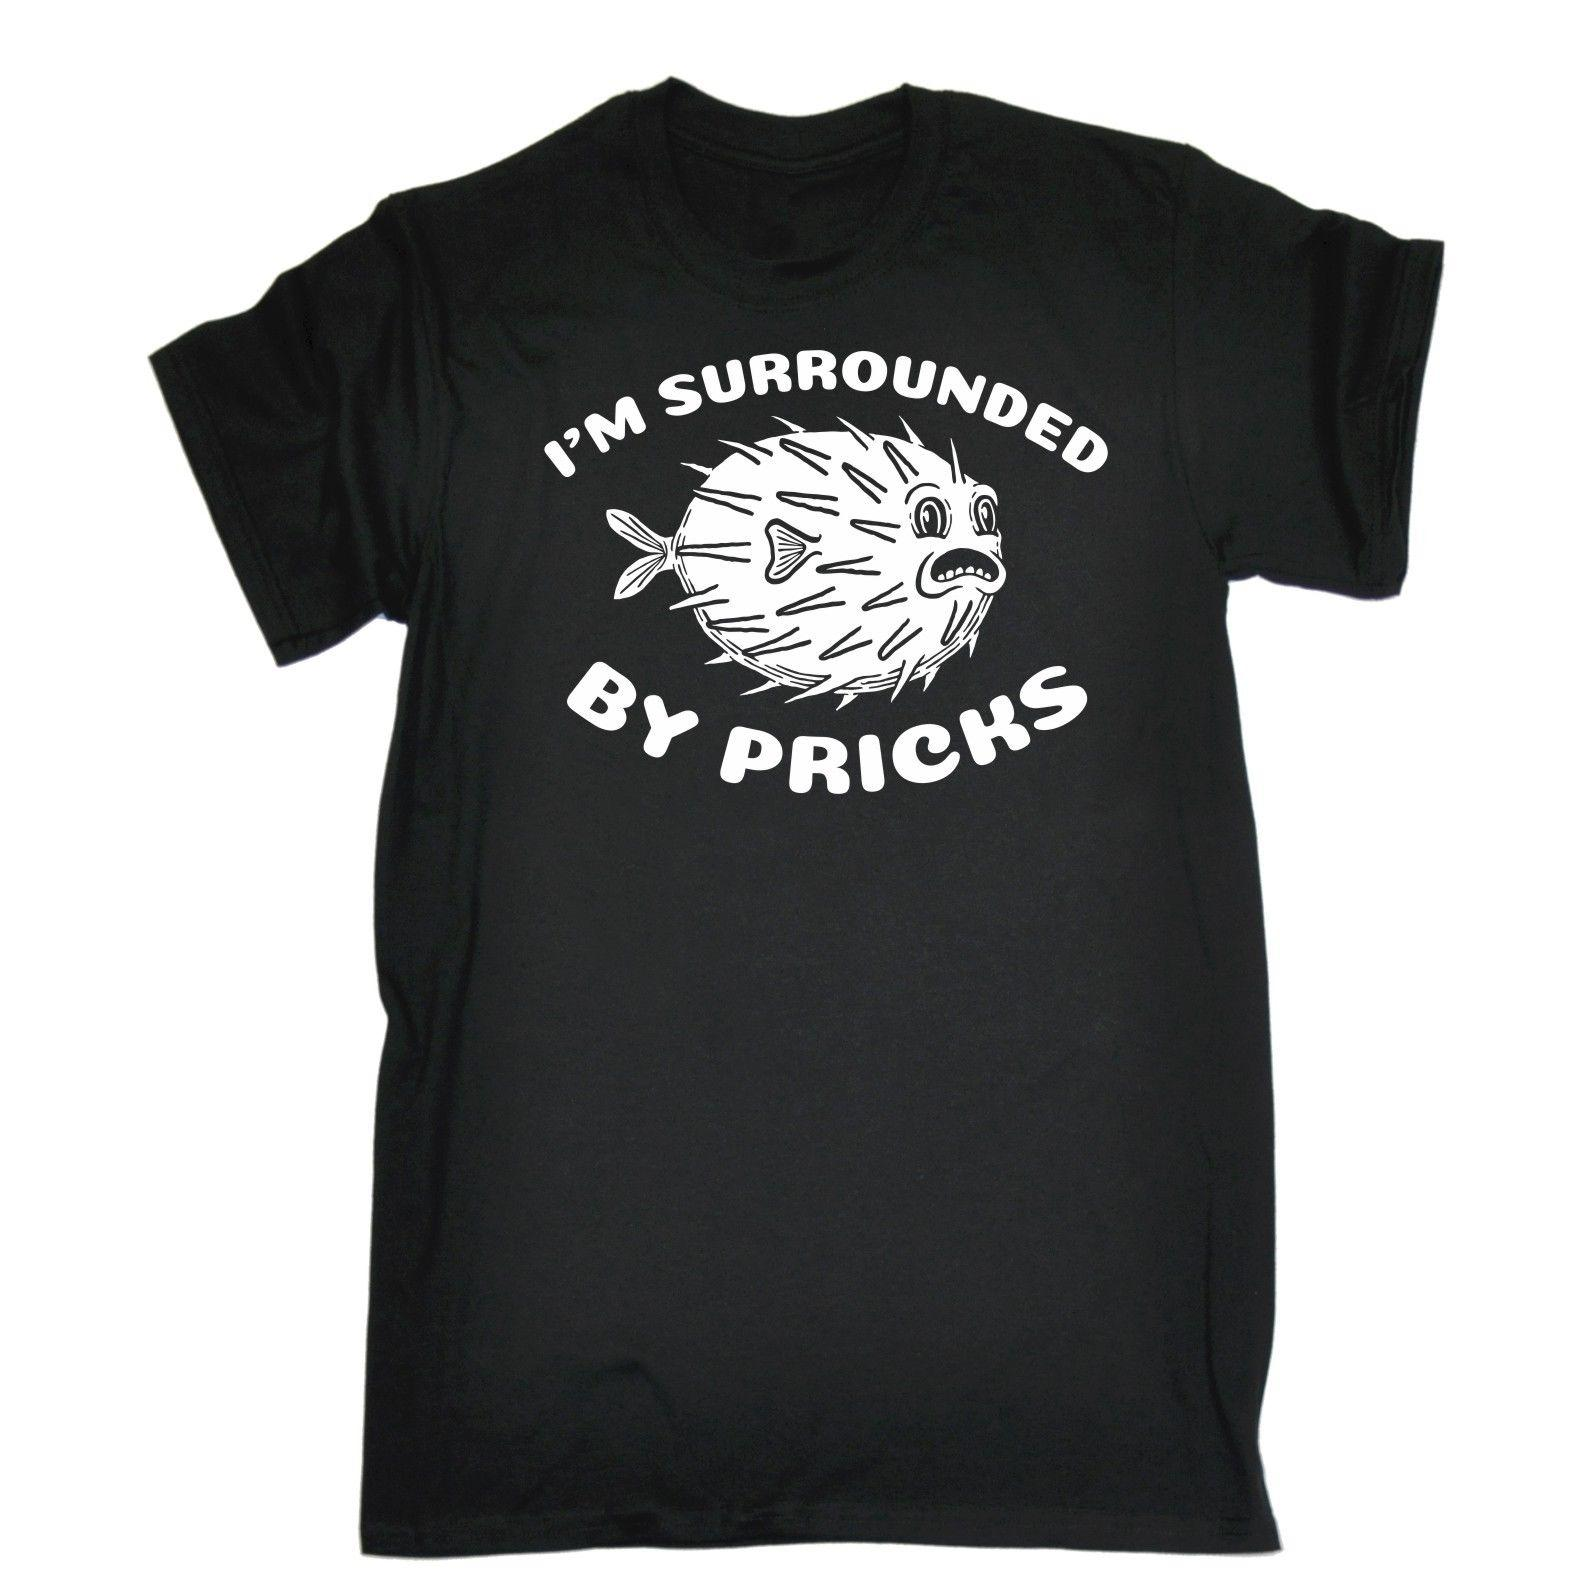 Mens Im rodeado por pinchazos Divertida broma Ofensiva grosera camiseta Cumpleaños hombres camiseta 100% algodón estampado camisas hombres últimas